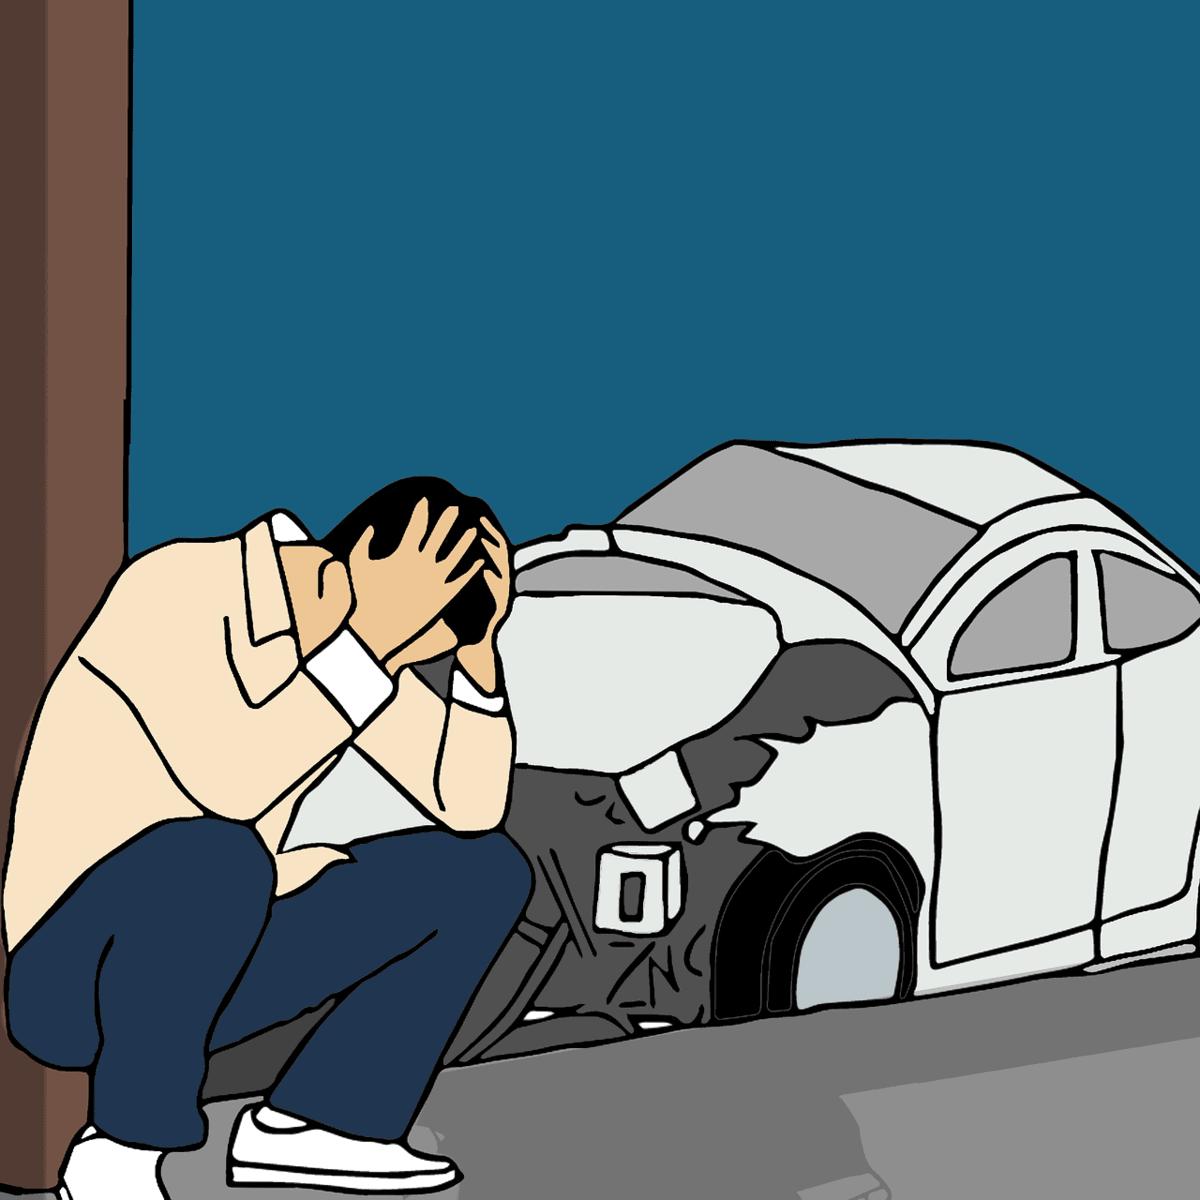 בן אדם שעשה תאונה